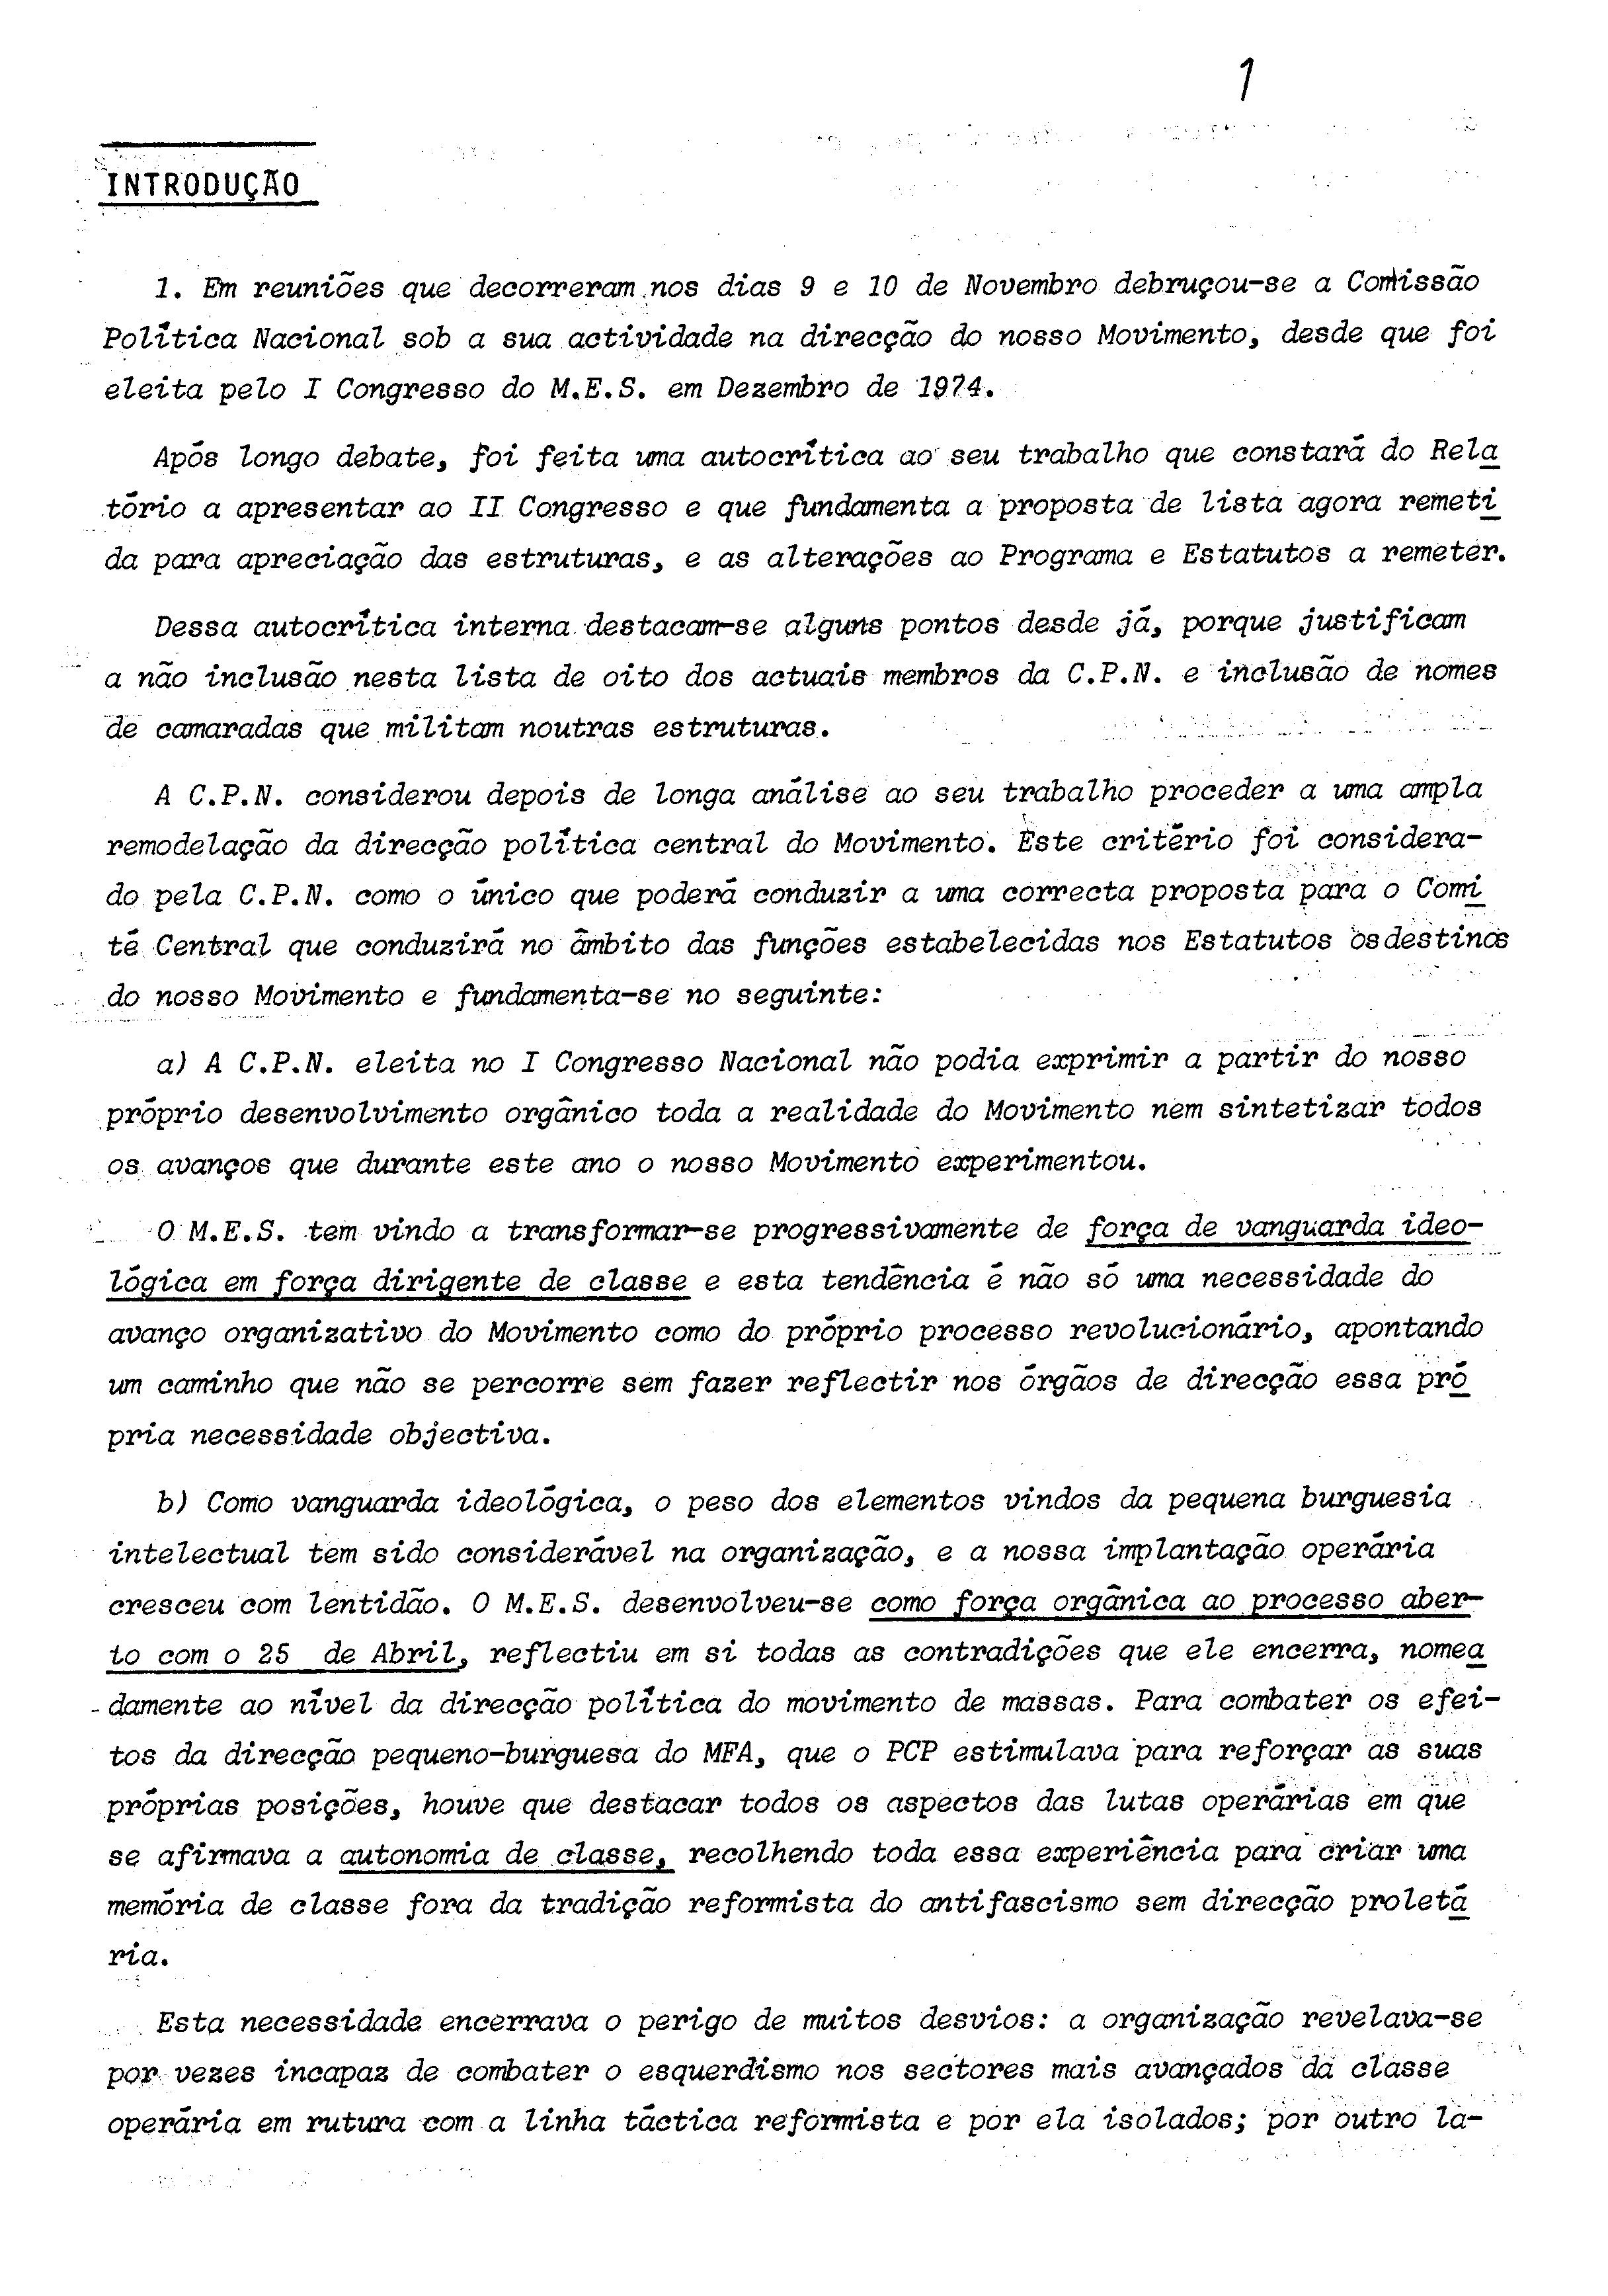 04713.008- pag.2